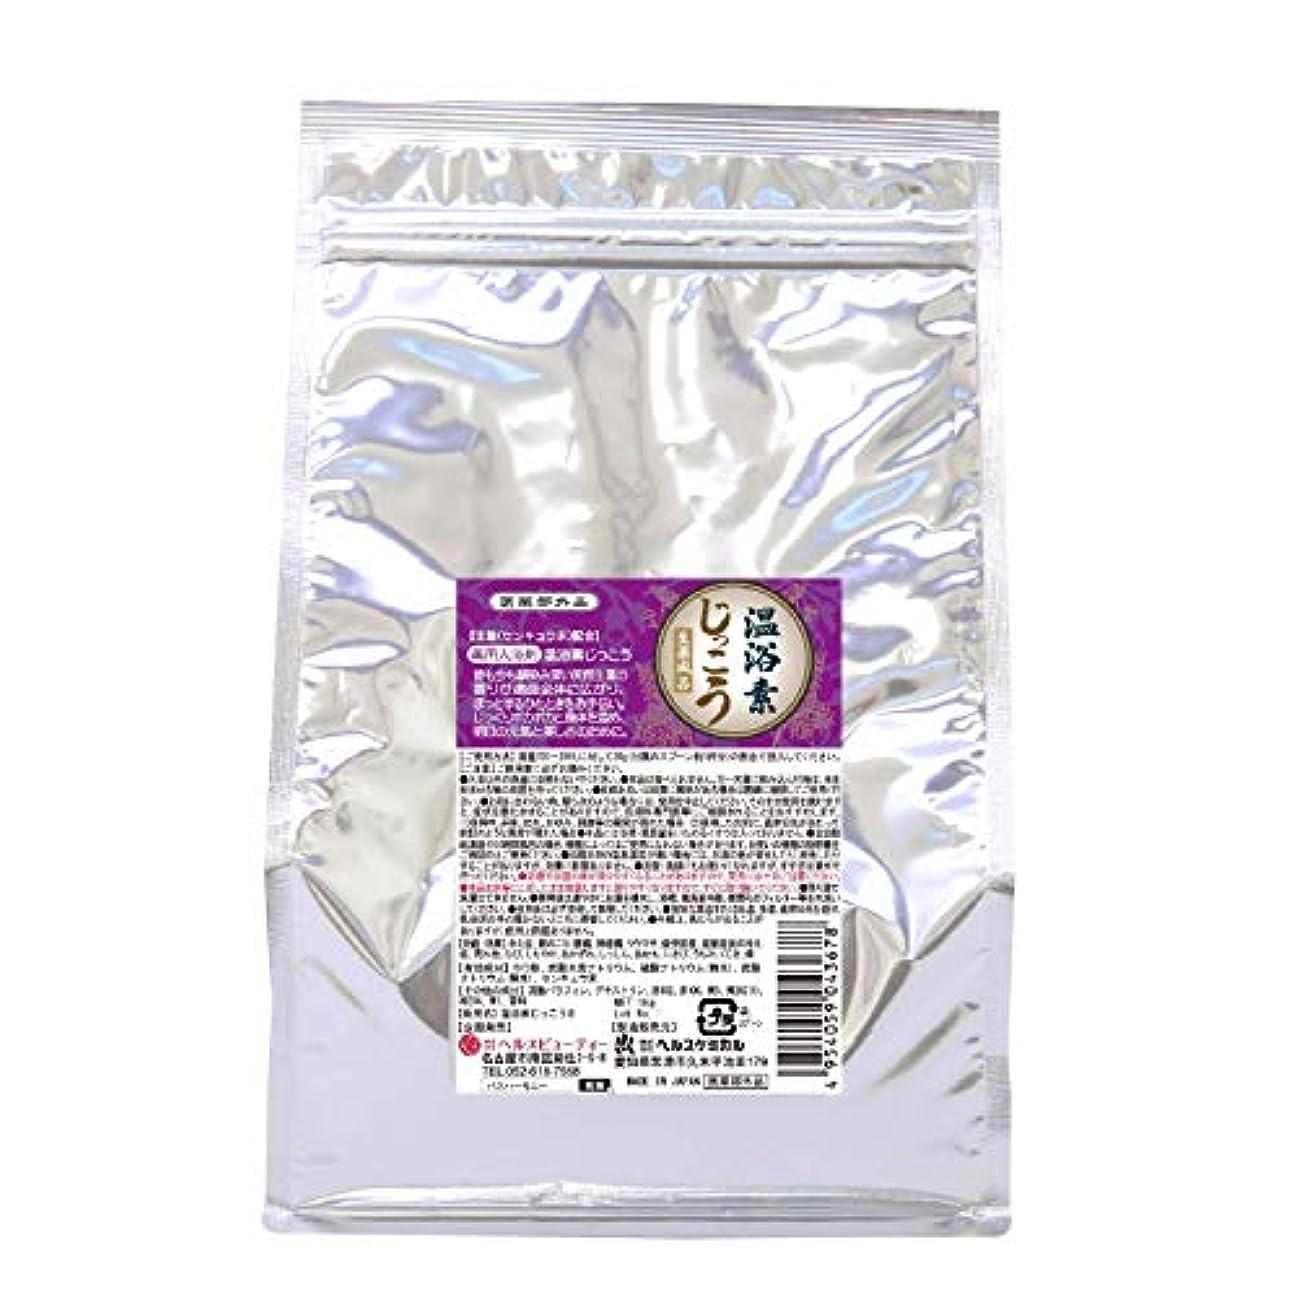 前奏曲油蜜入浴剤 湯匠仕込 温浴素じっこう 生薬 薬湯 1kg 50回分 お徳用 医薬部外品